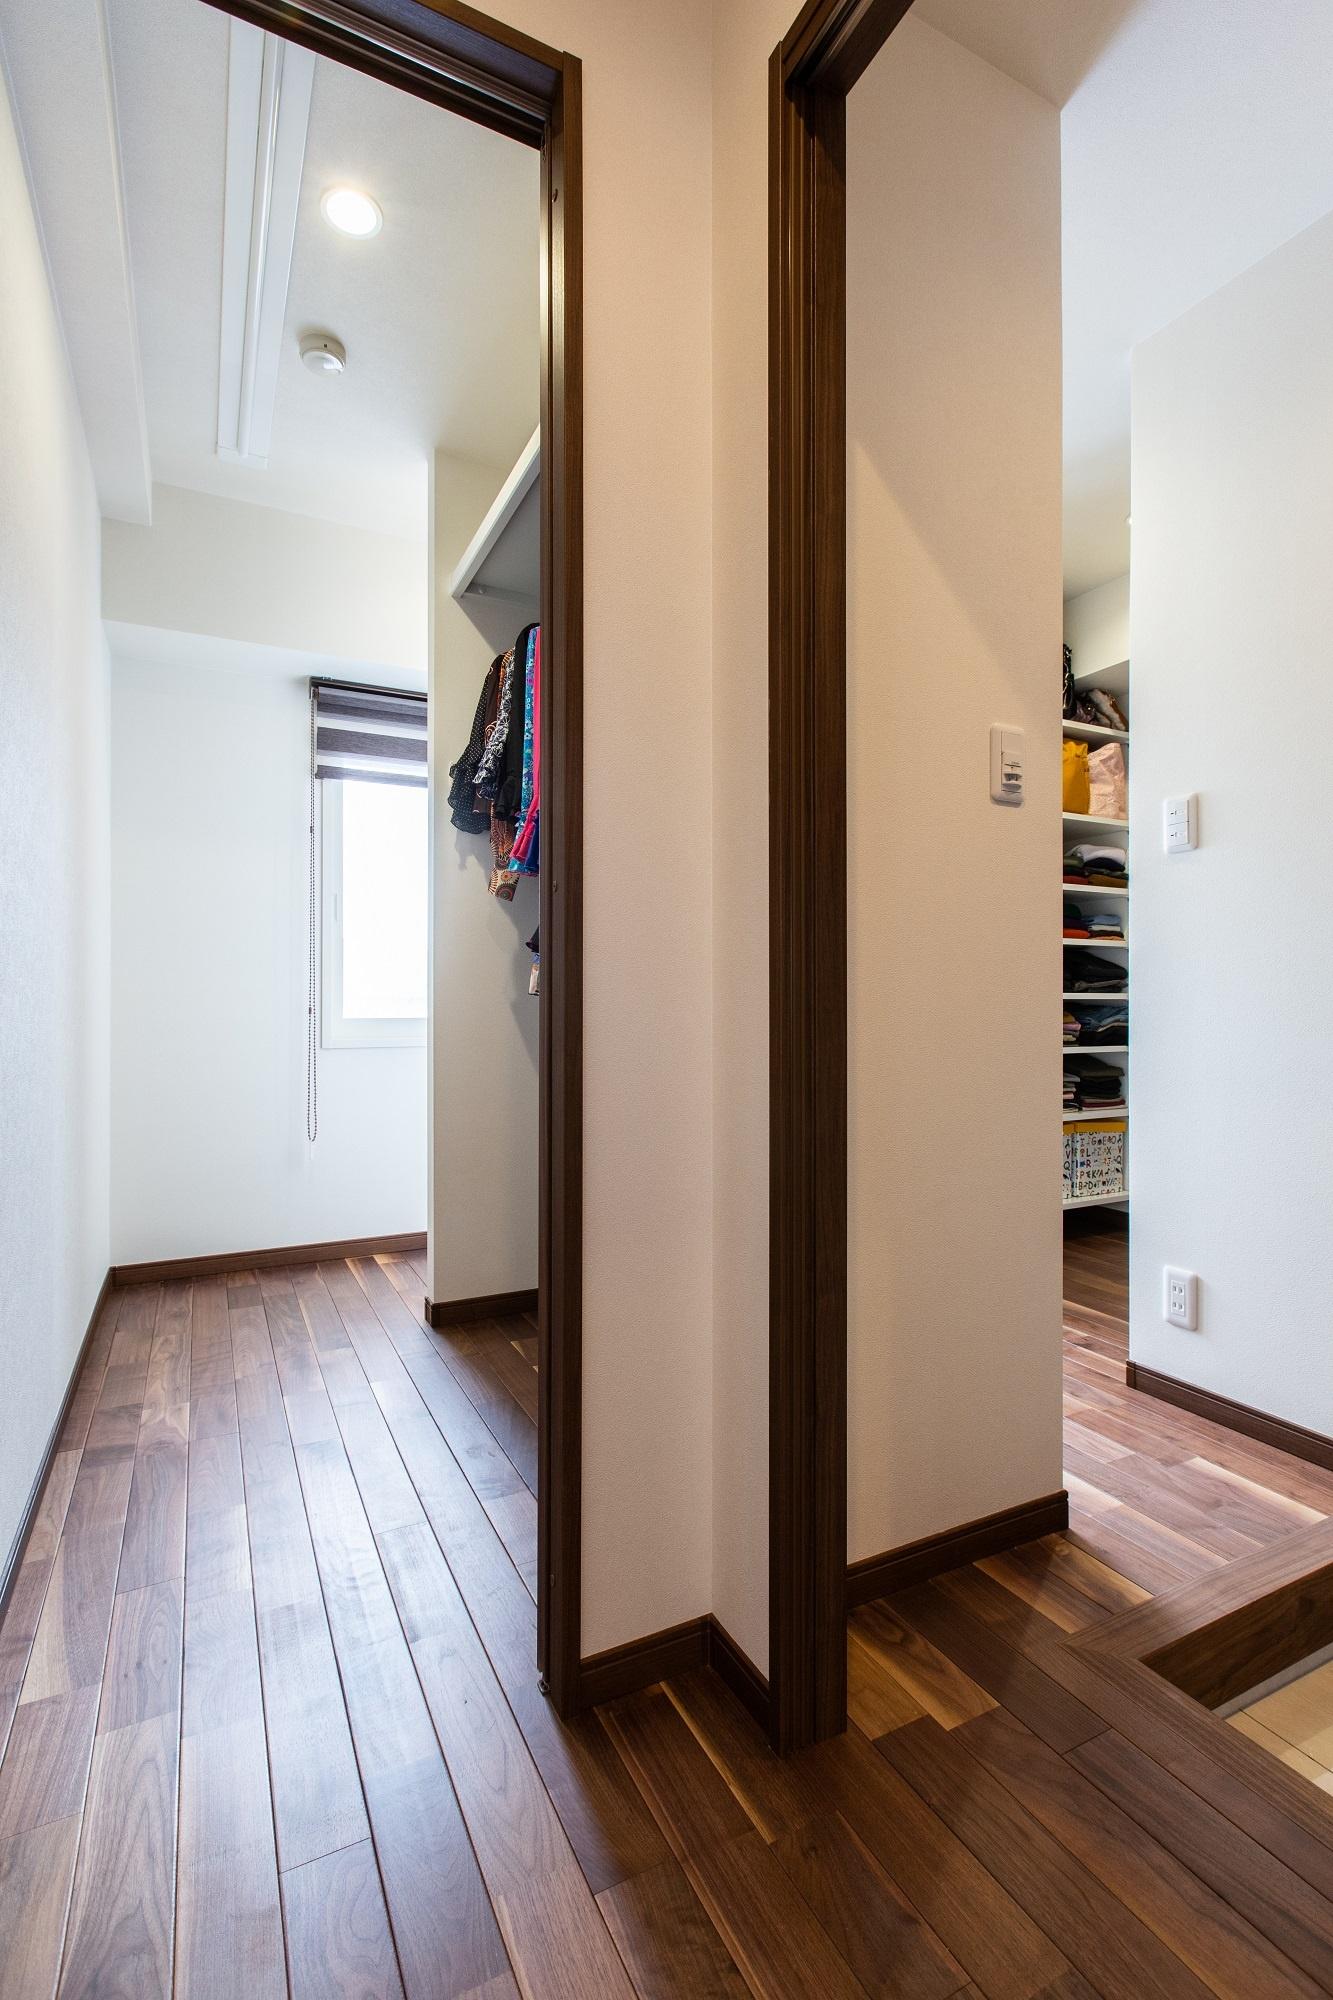 元洋室の窓から玄関とシューズクローゼットに光が届いて。右側に靴類、左の造作棚にはフラメンコの衣装を収納